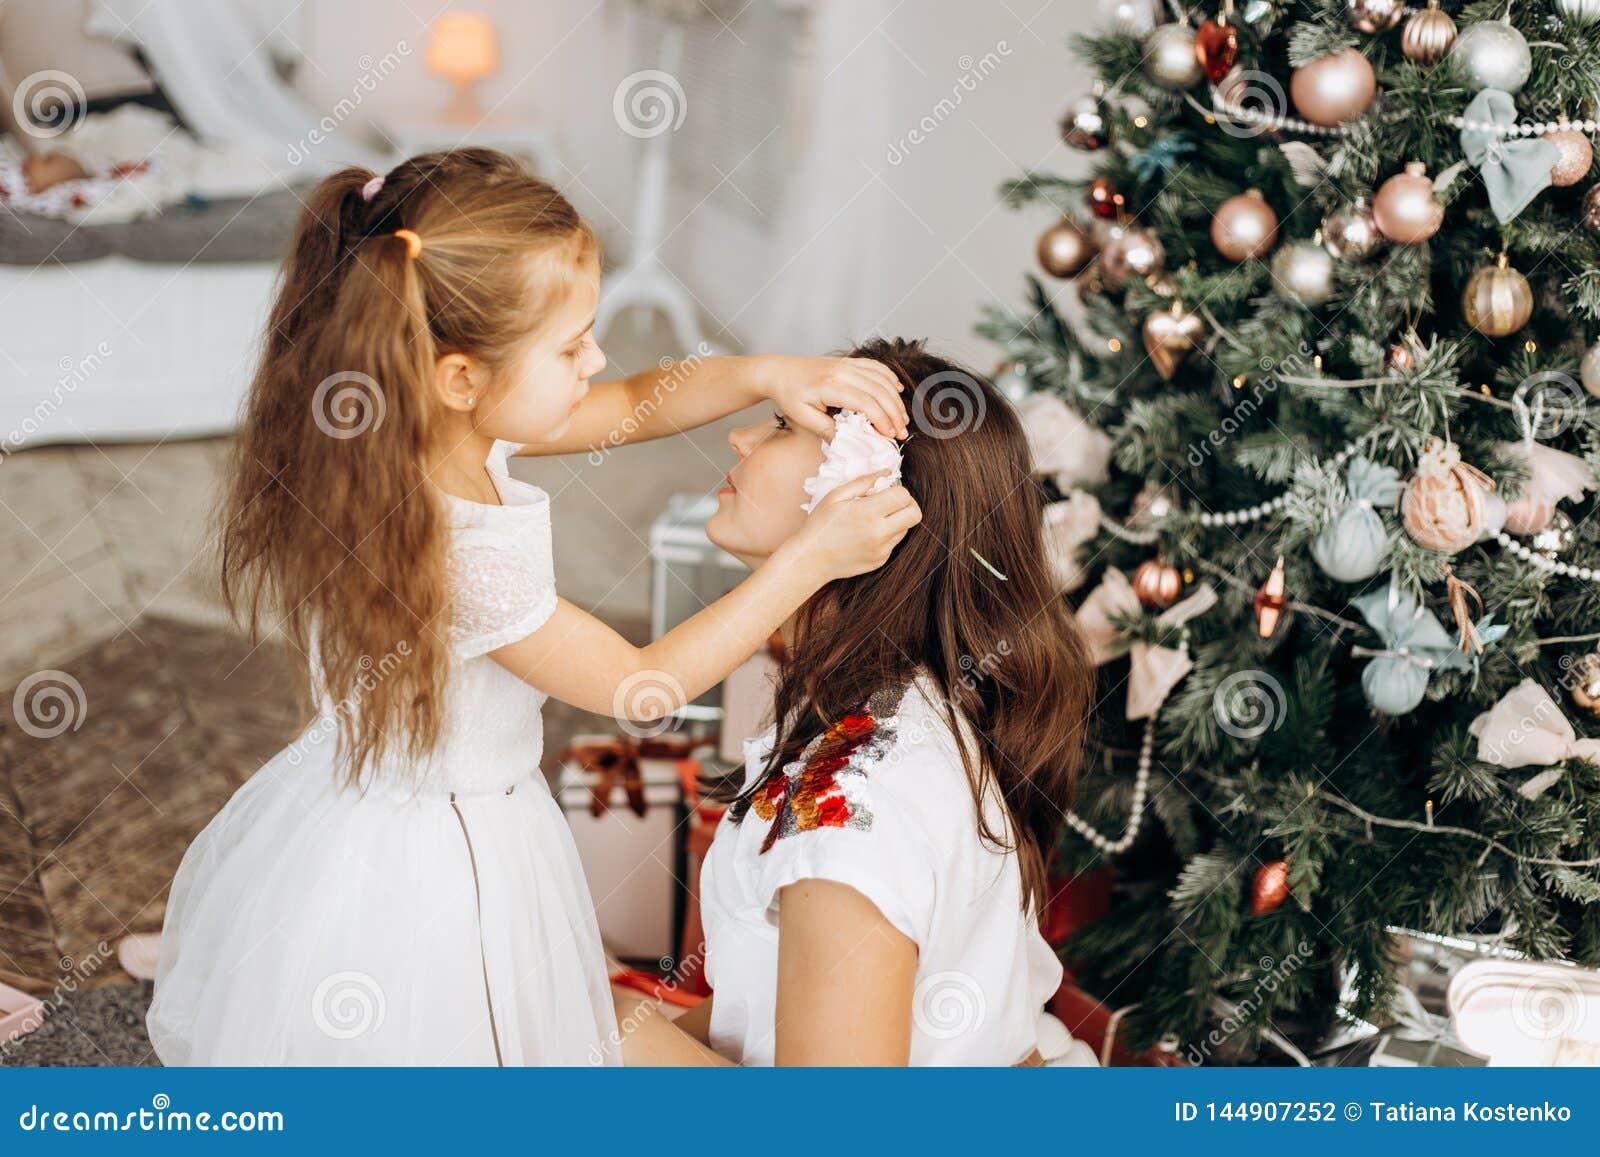 A filha pequena de encantamento no vestido agradável pôs uma flor no cabelo das mães perto da árvore de ano novo